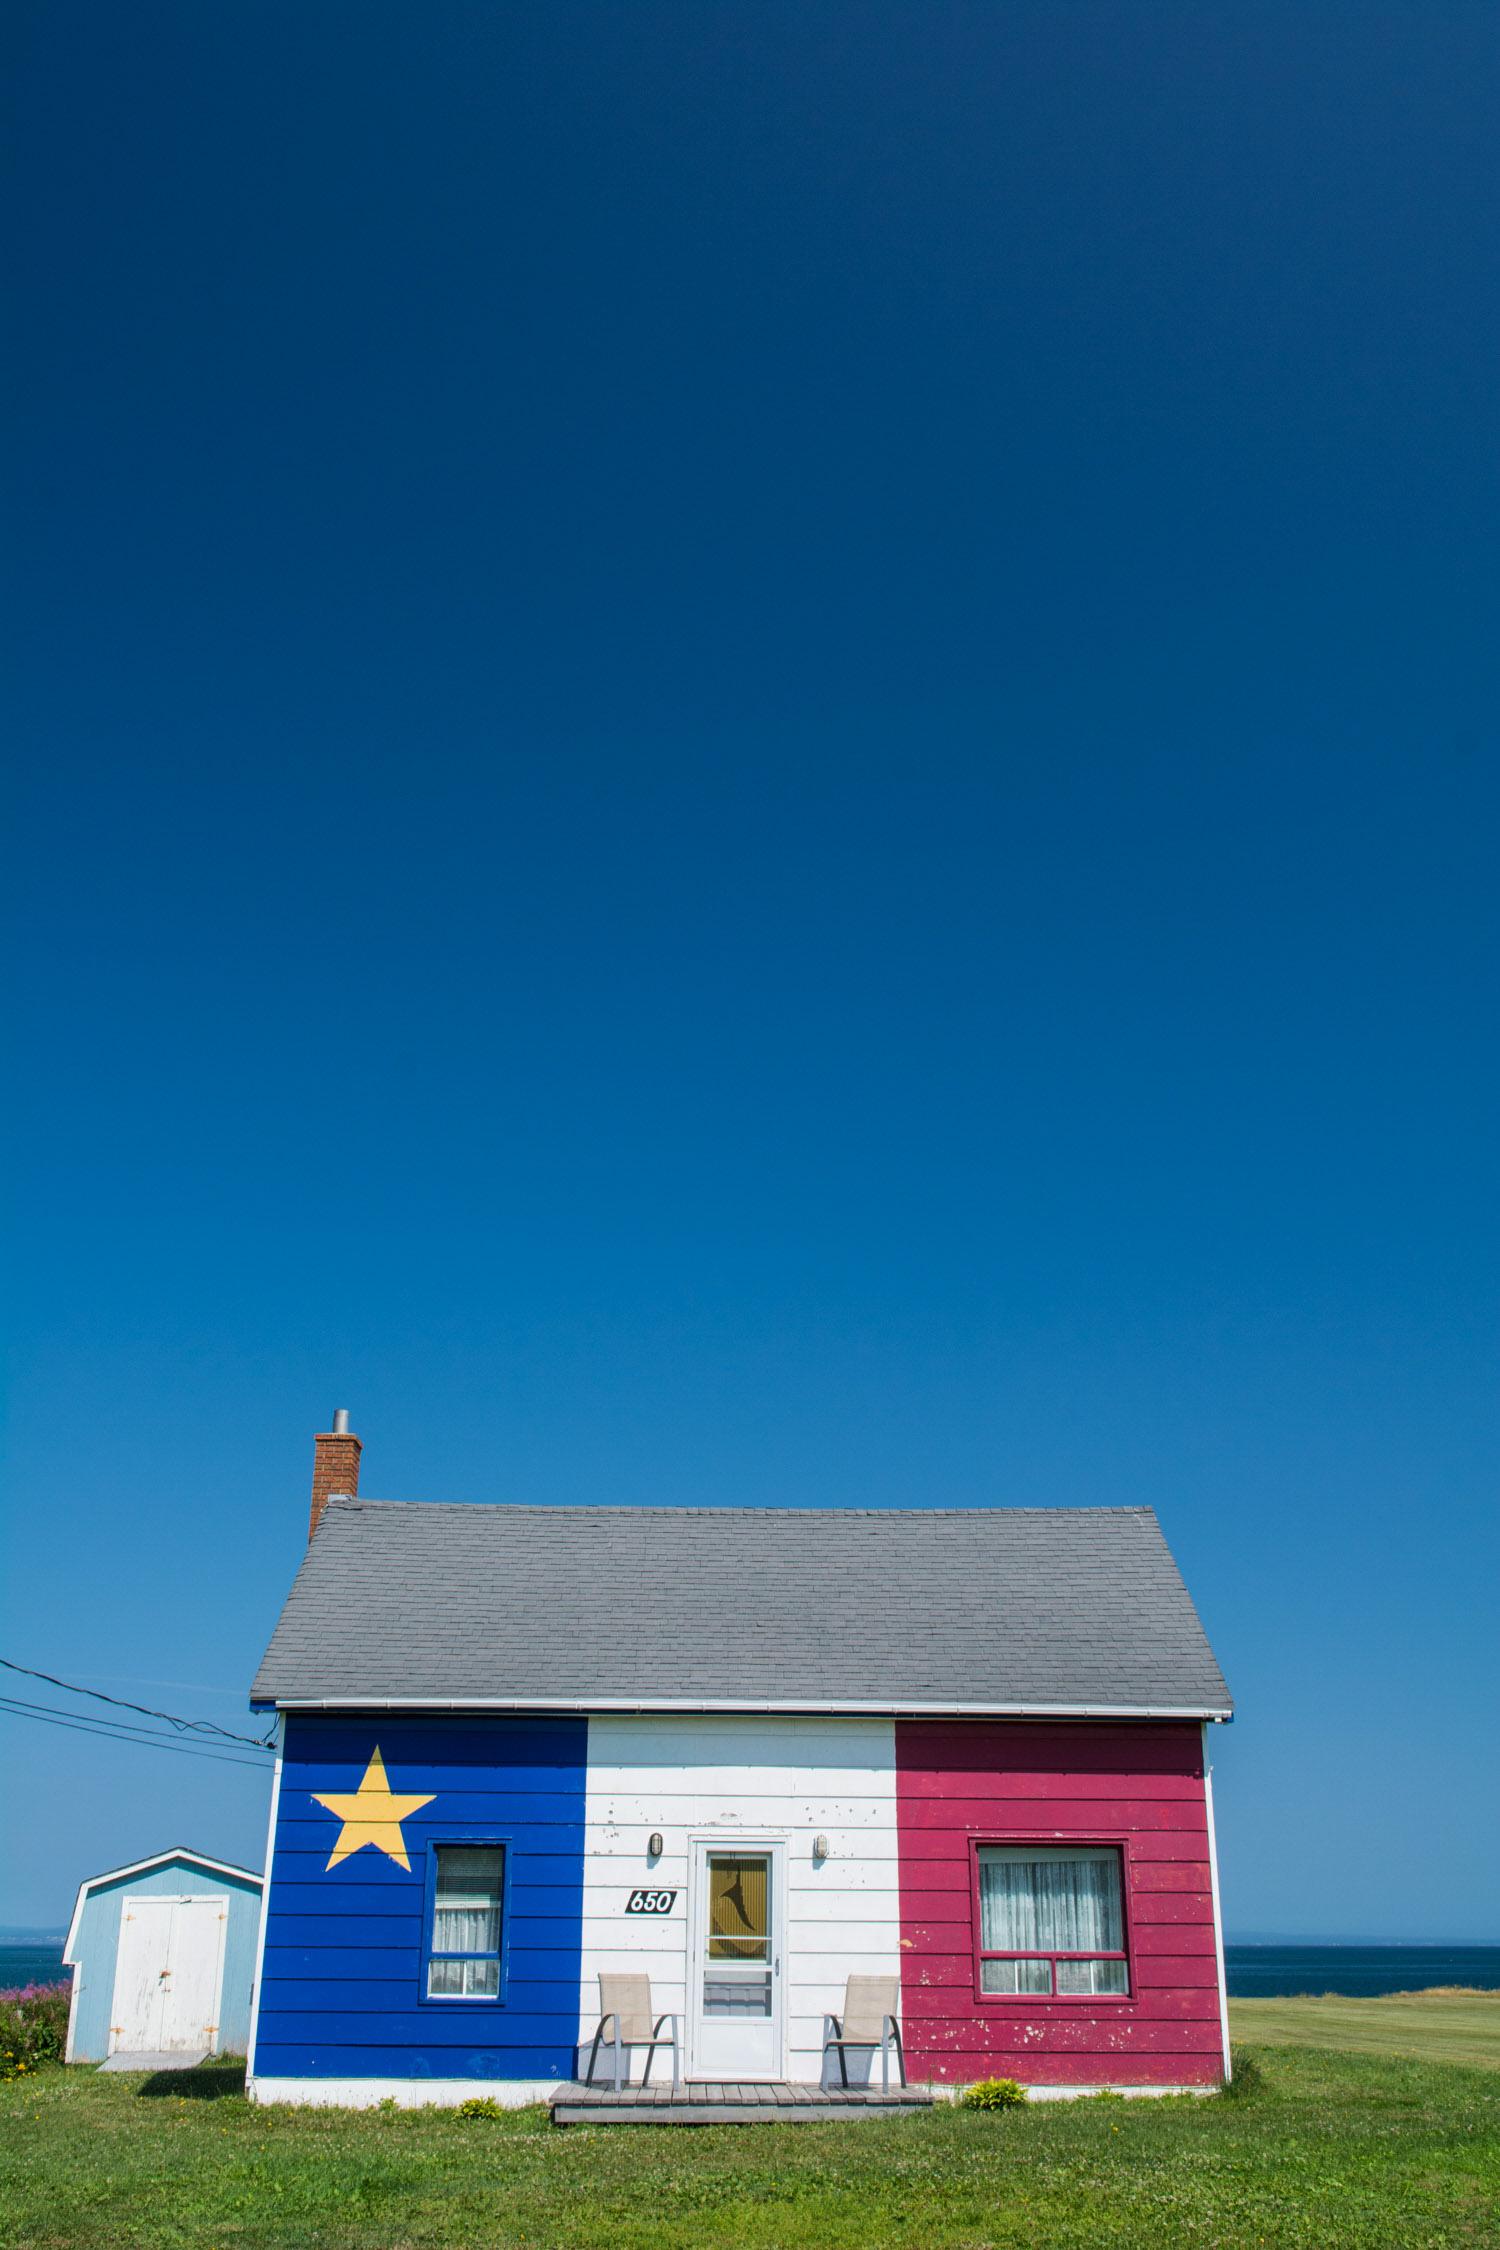 Acadian Flag House